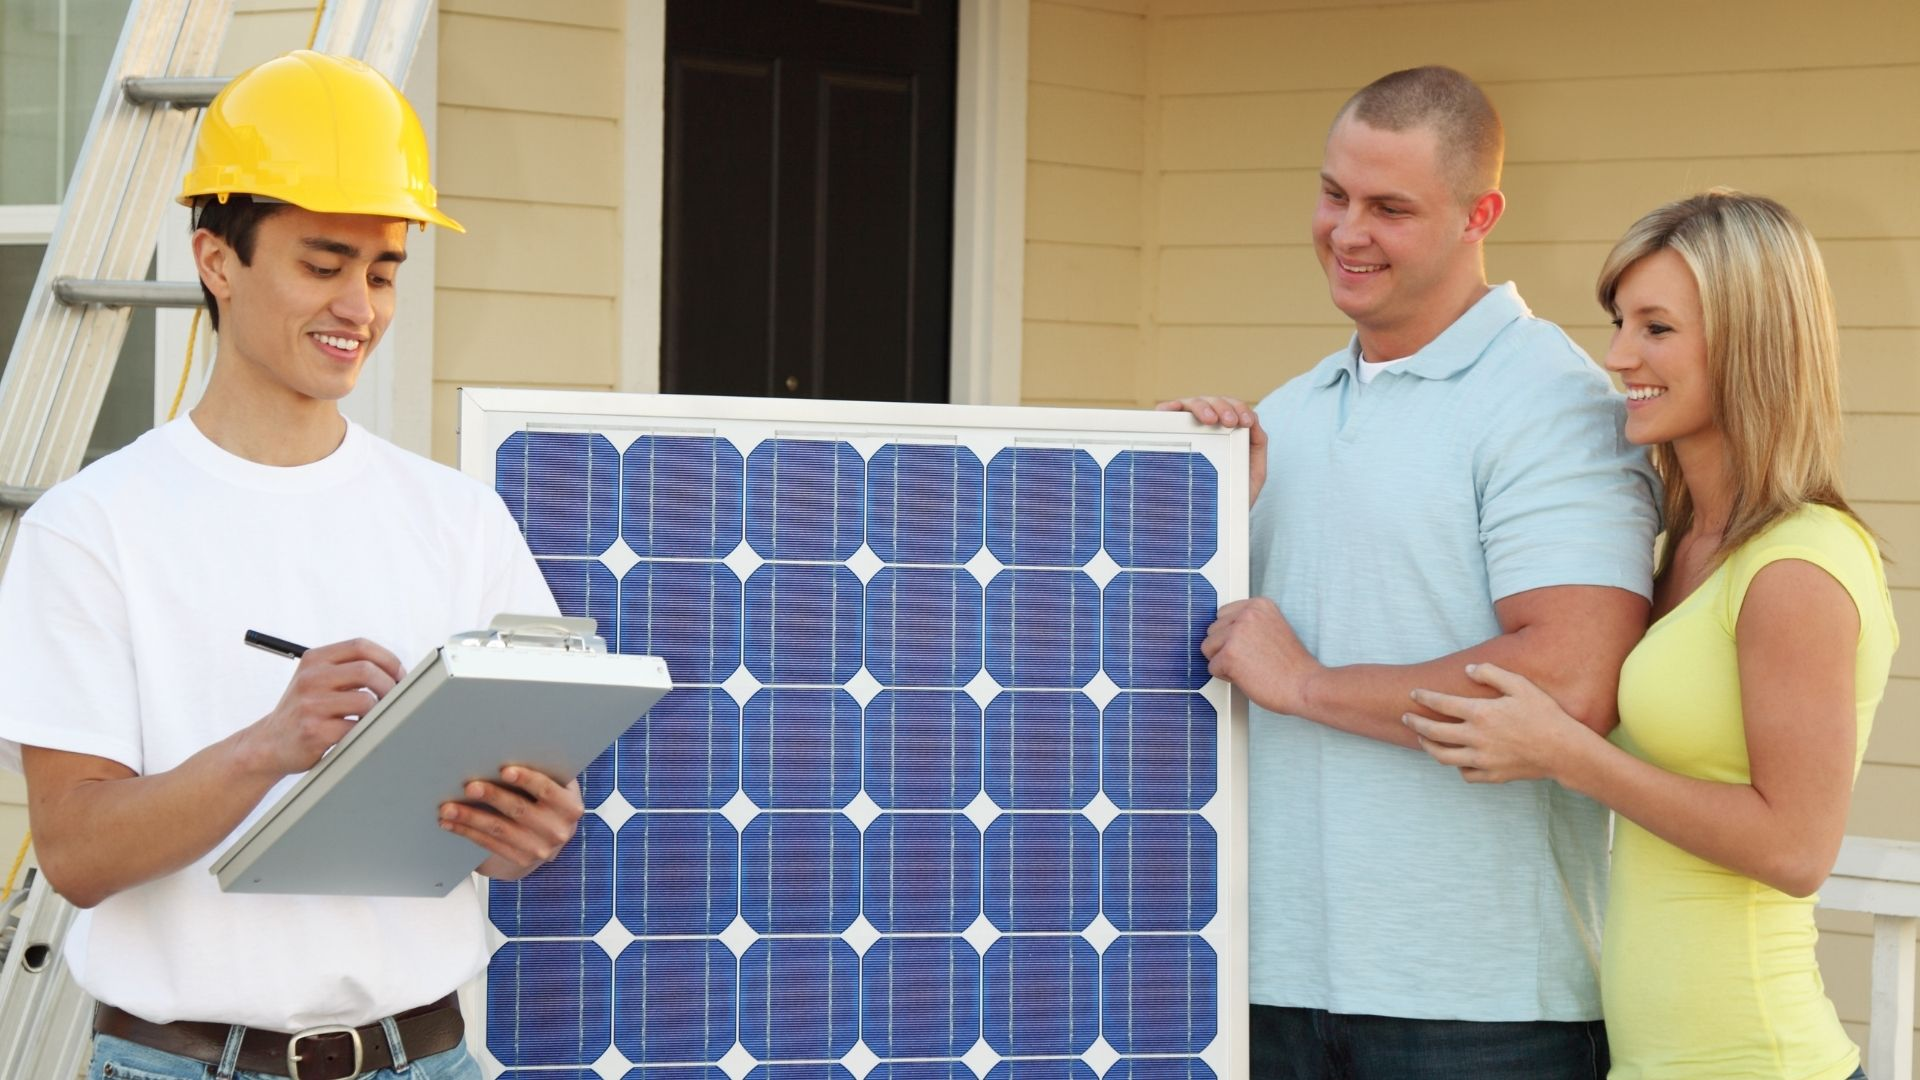 curso-tecnico-em-energia-solar